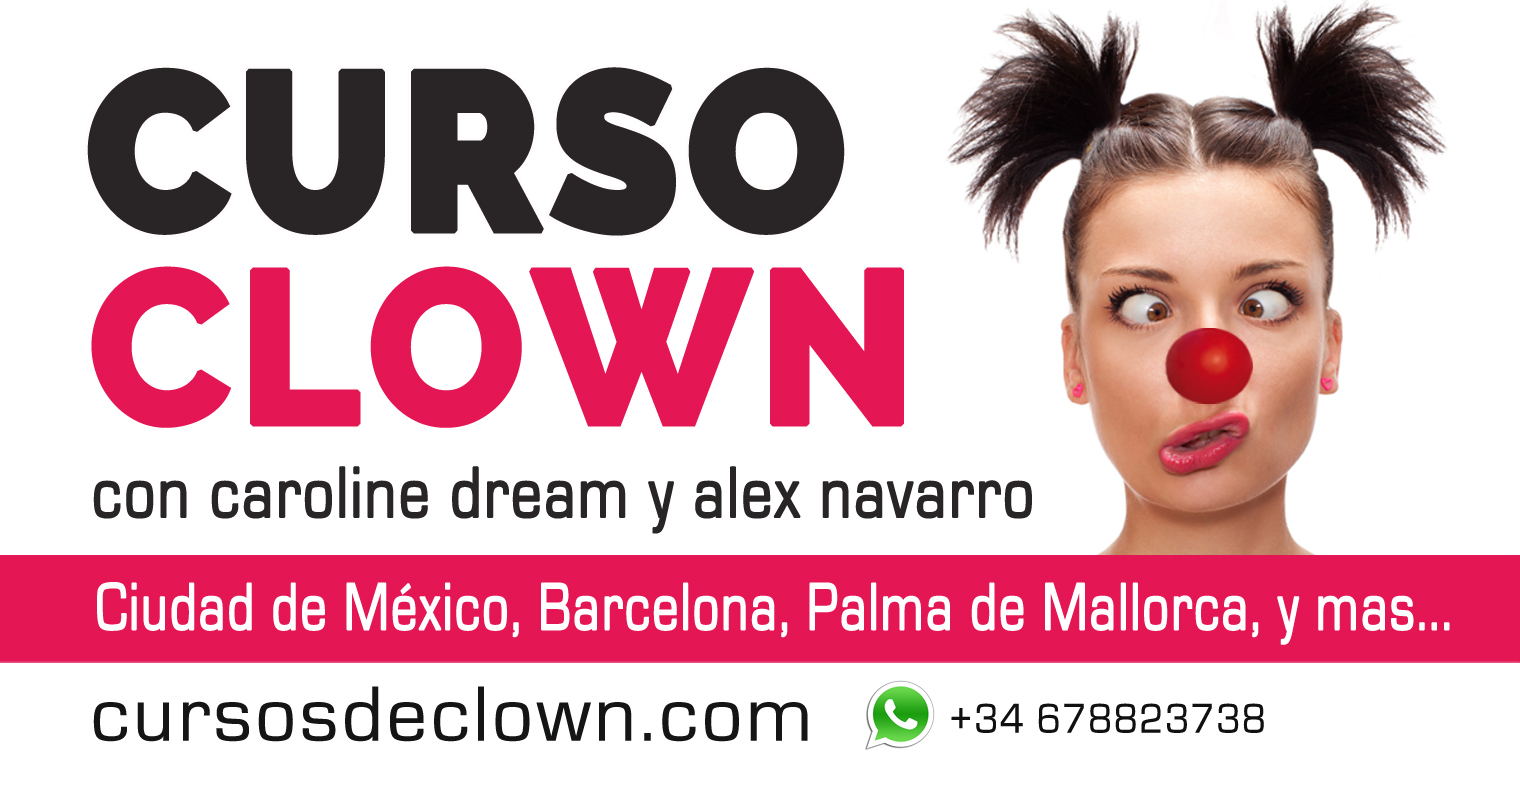 Cursos de Clown en Ciudad de México